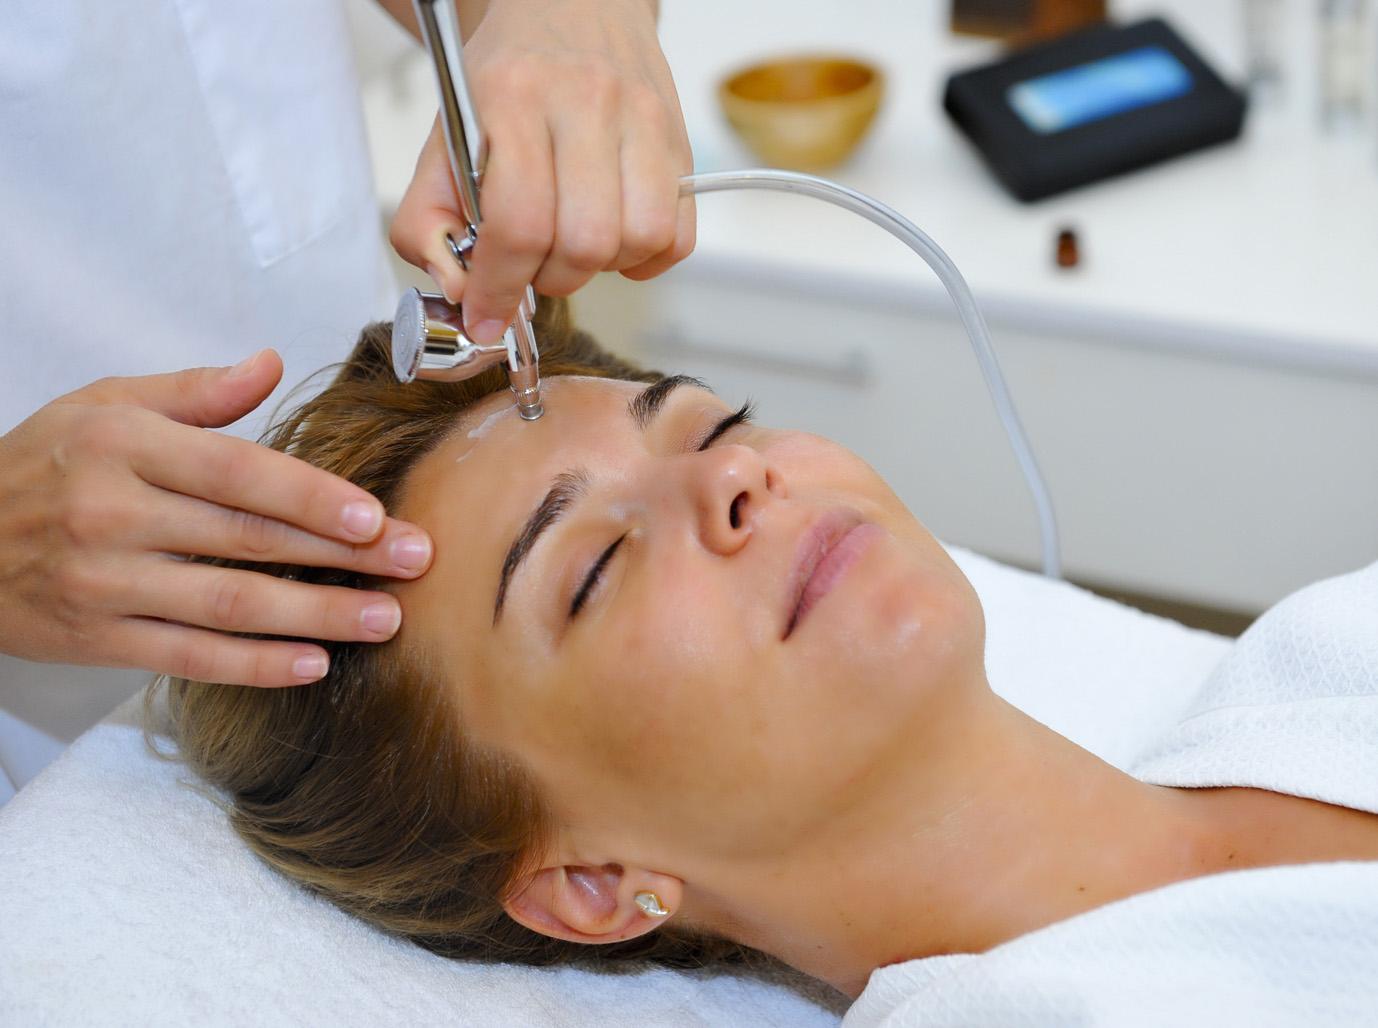 Кислородная терапия на лицо